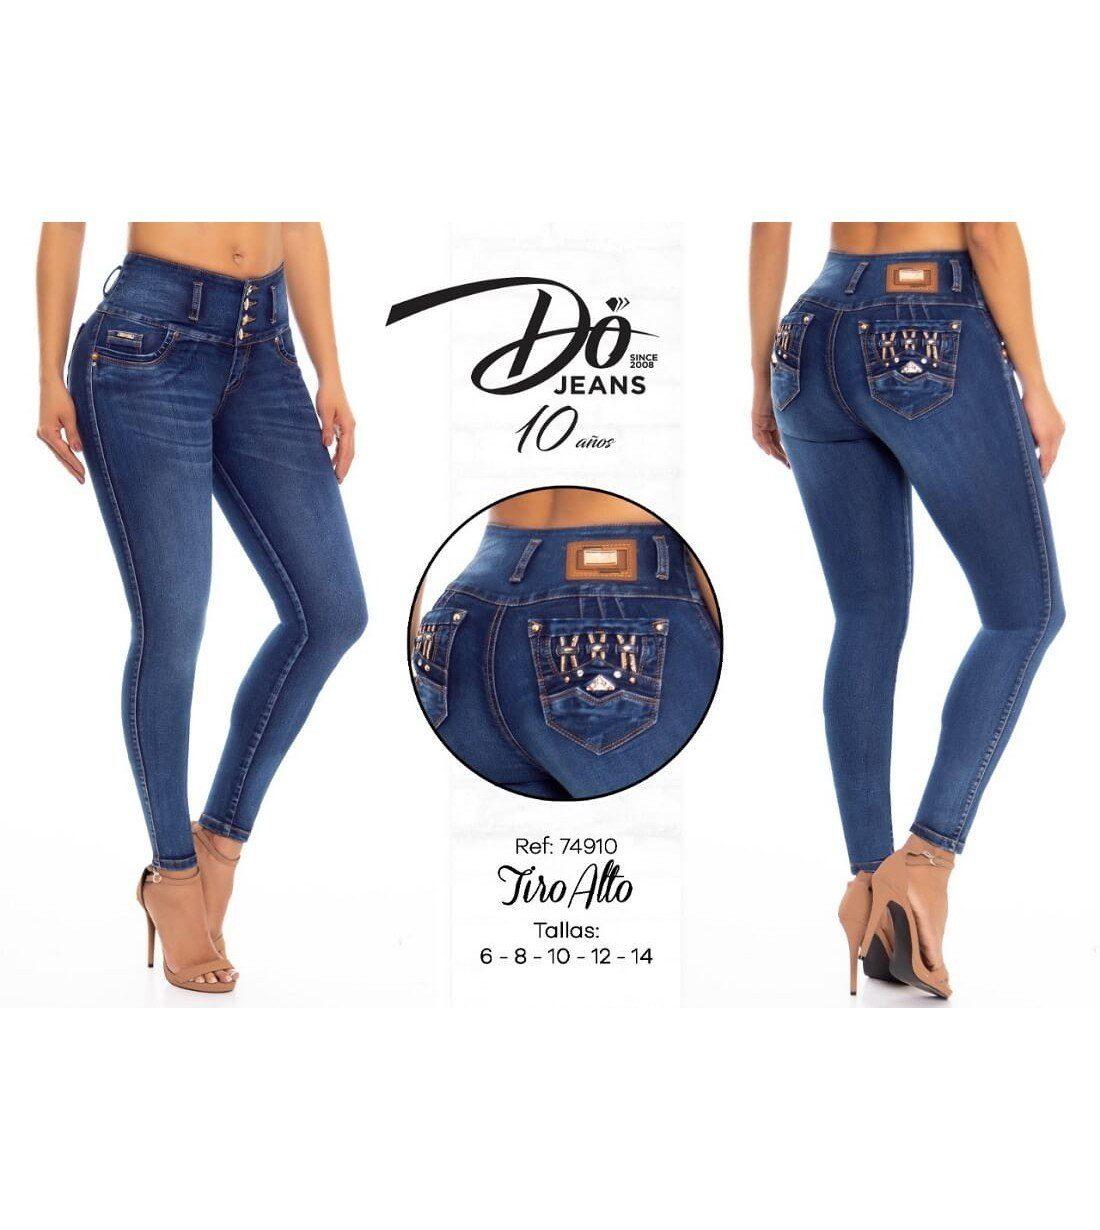 Pantalon Colombiano Do Jeans -74910